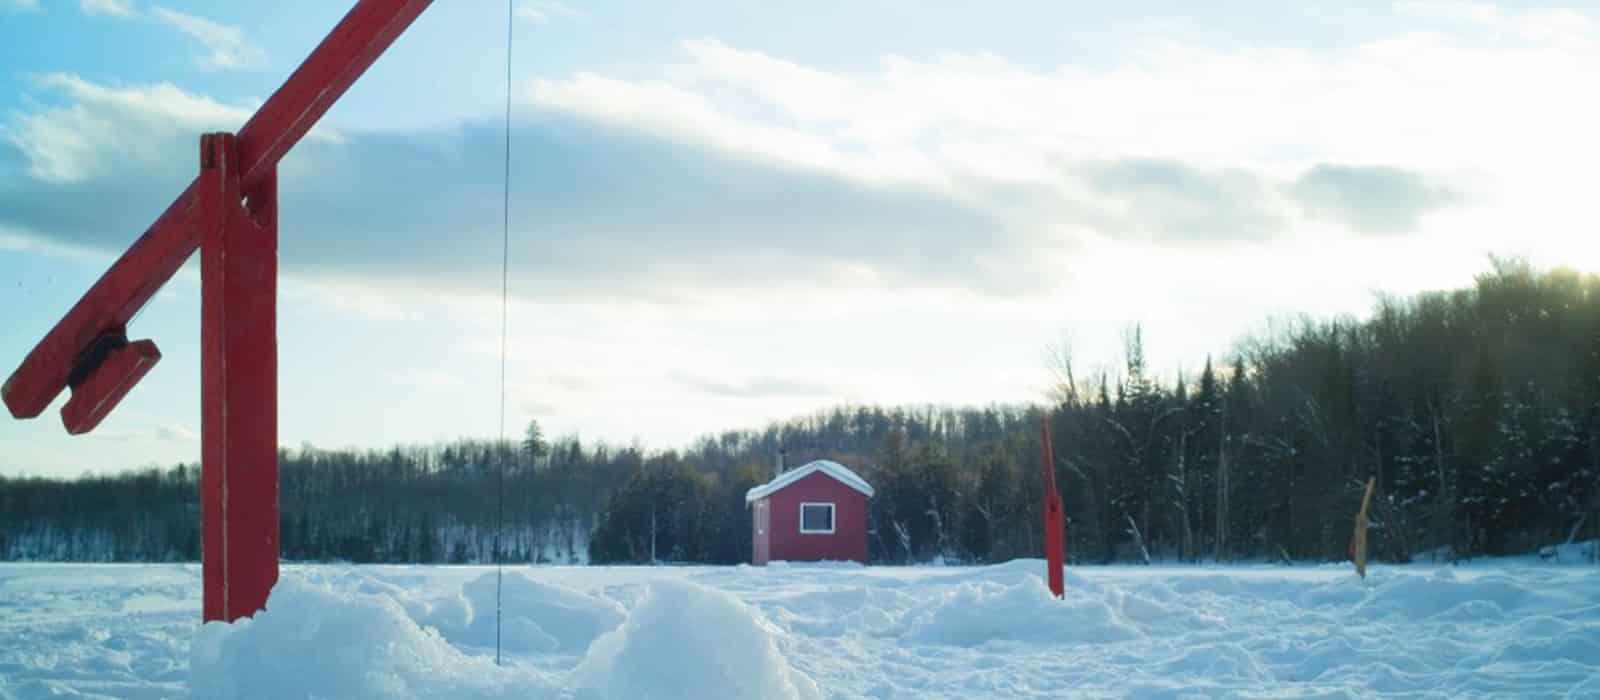 adrenaline-hiver-quebec-pourvoirie-lac-berval-quebec-le-mag